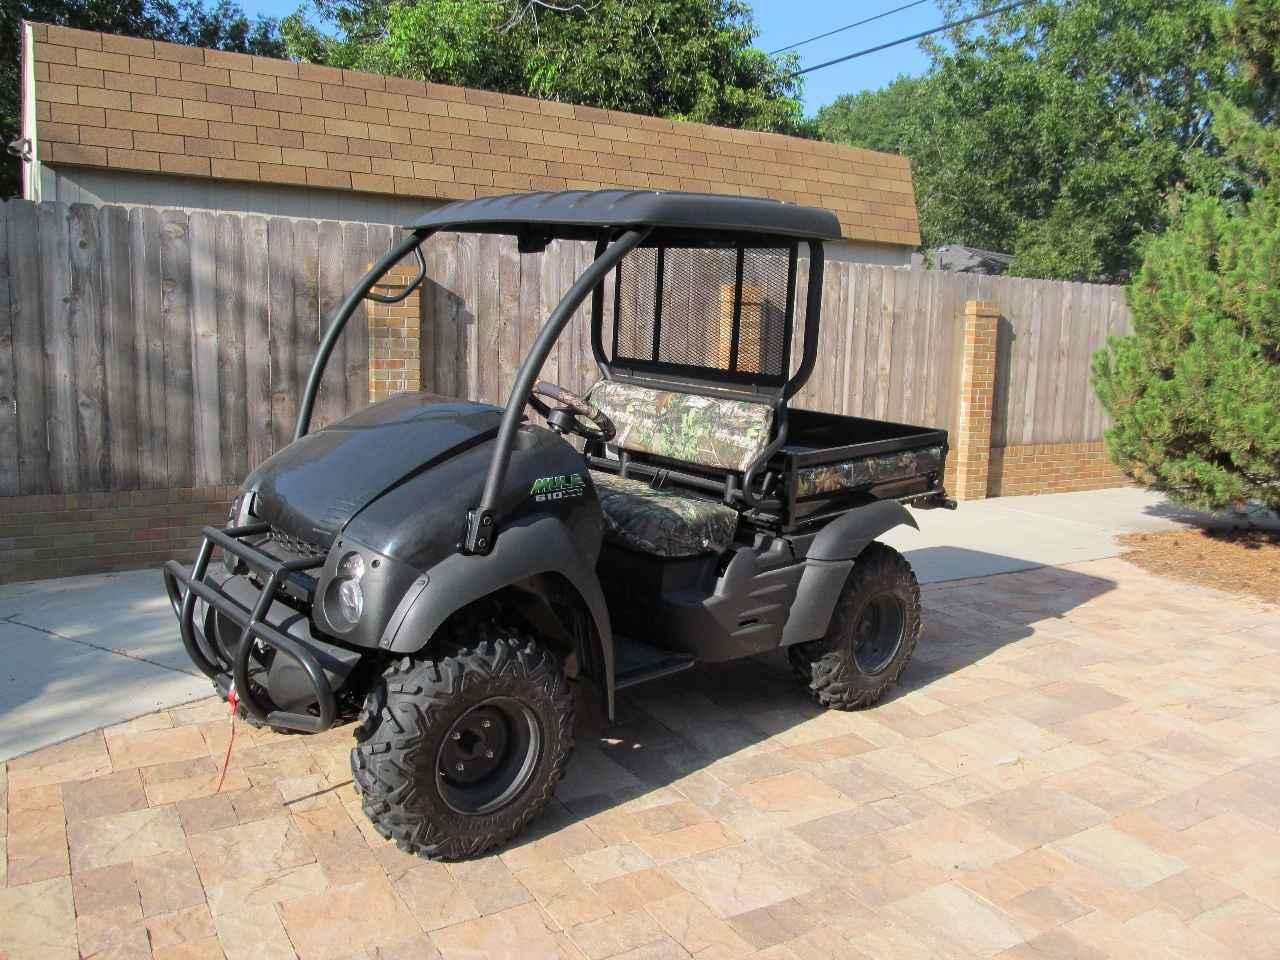 Used 2015 Kawasaki Mule 610 4x4 Xc Atvs For Sale In Texas